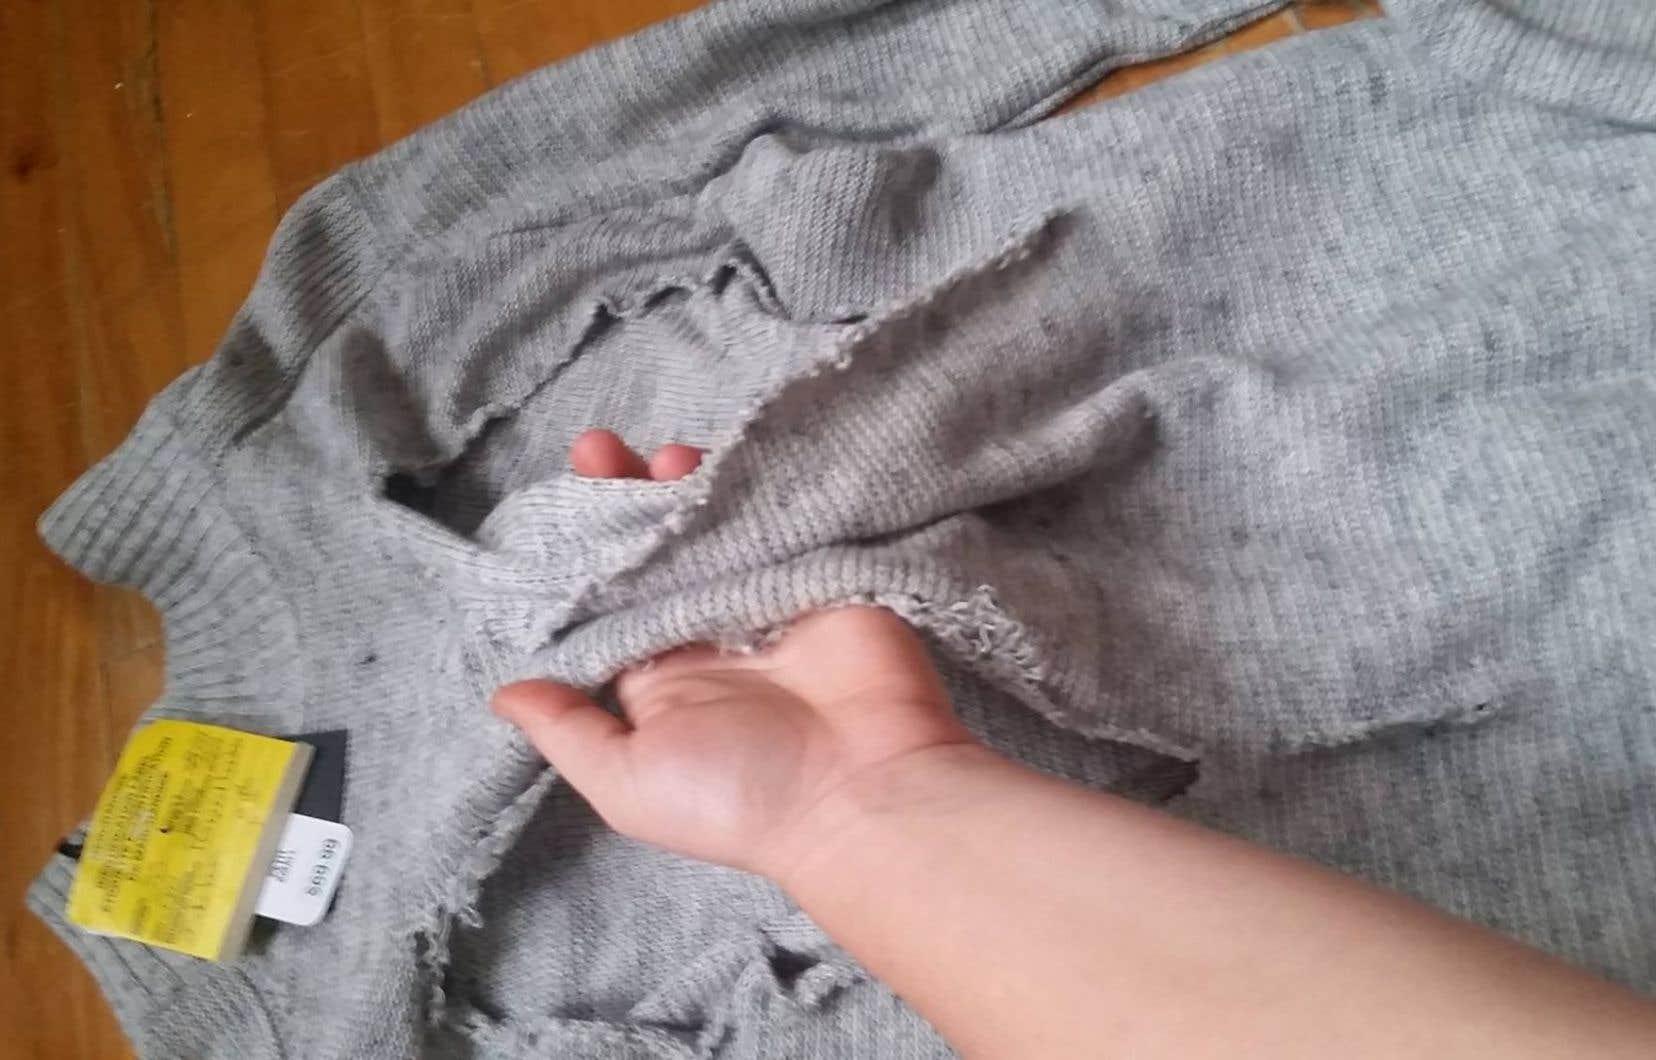 Des étiquettes sur les morceaux trouvés par Joanie Champoux indiquaient des défauts aussi mineurs que l'absence d'un bouton ou une tache sur une poche dans certains cas.